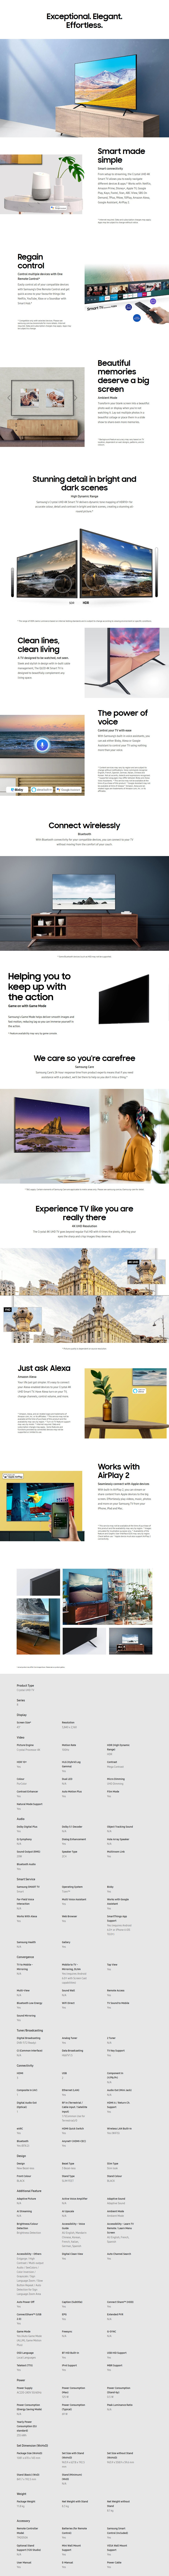 """Samsung Series 8 TU8000 Crystal 43"""" 120Hz 4K UHD Smart LED TV - 2020 Model - Overview 1"""